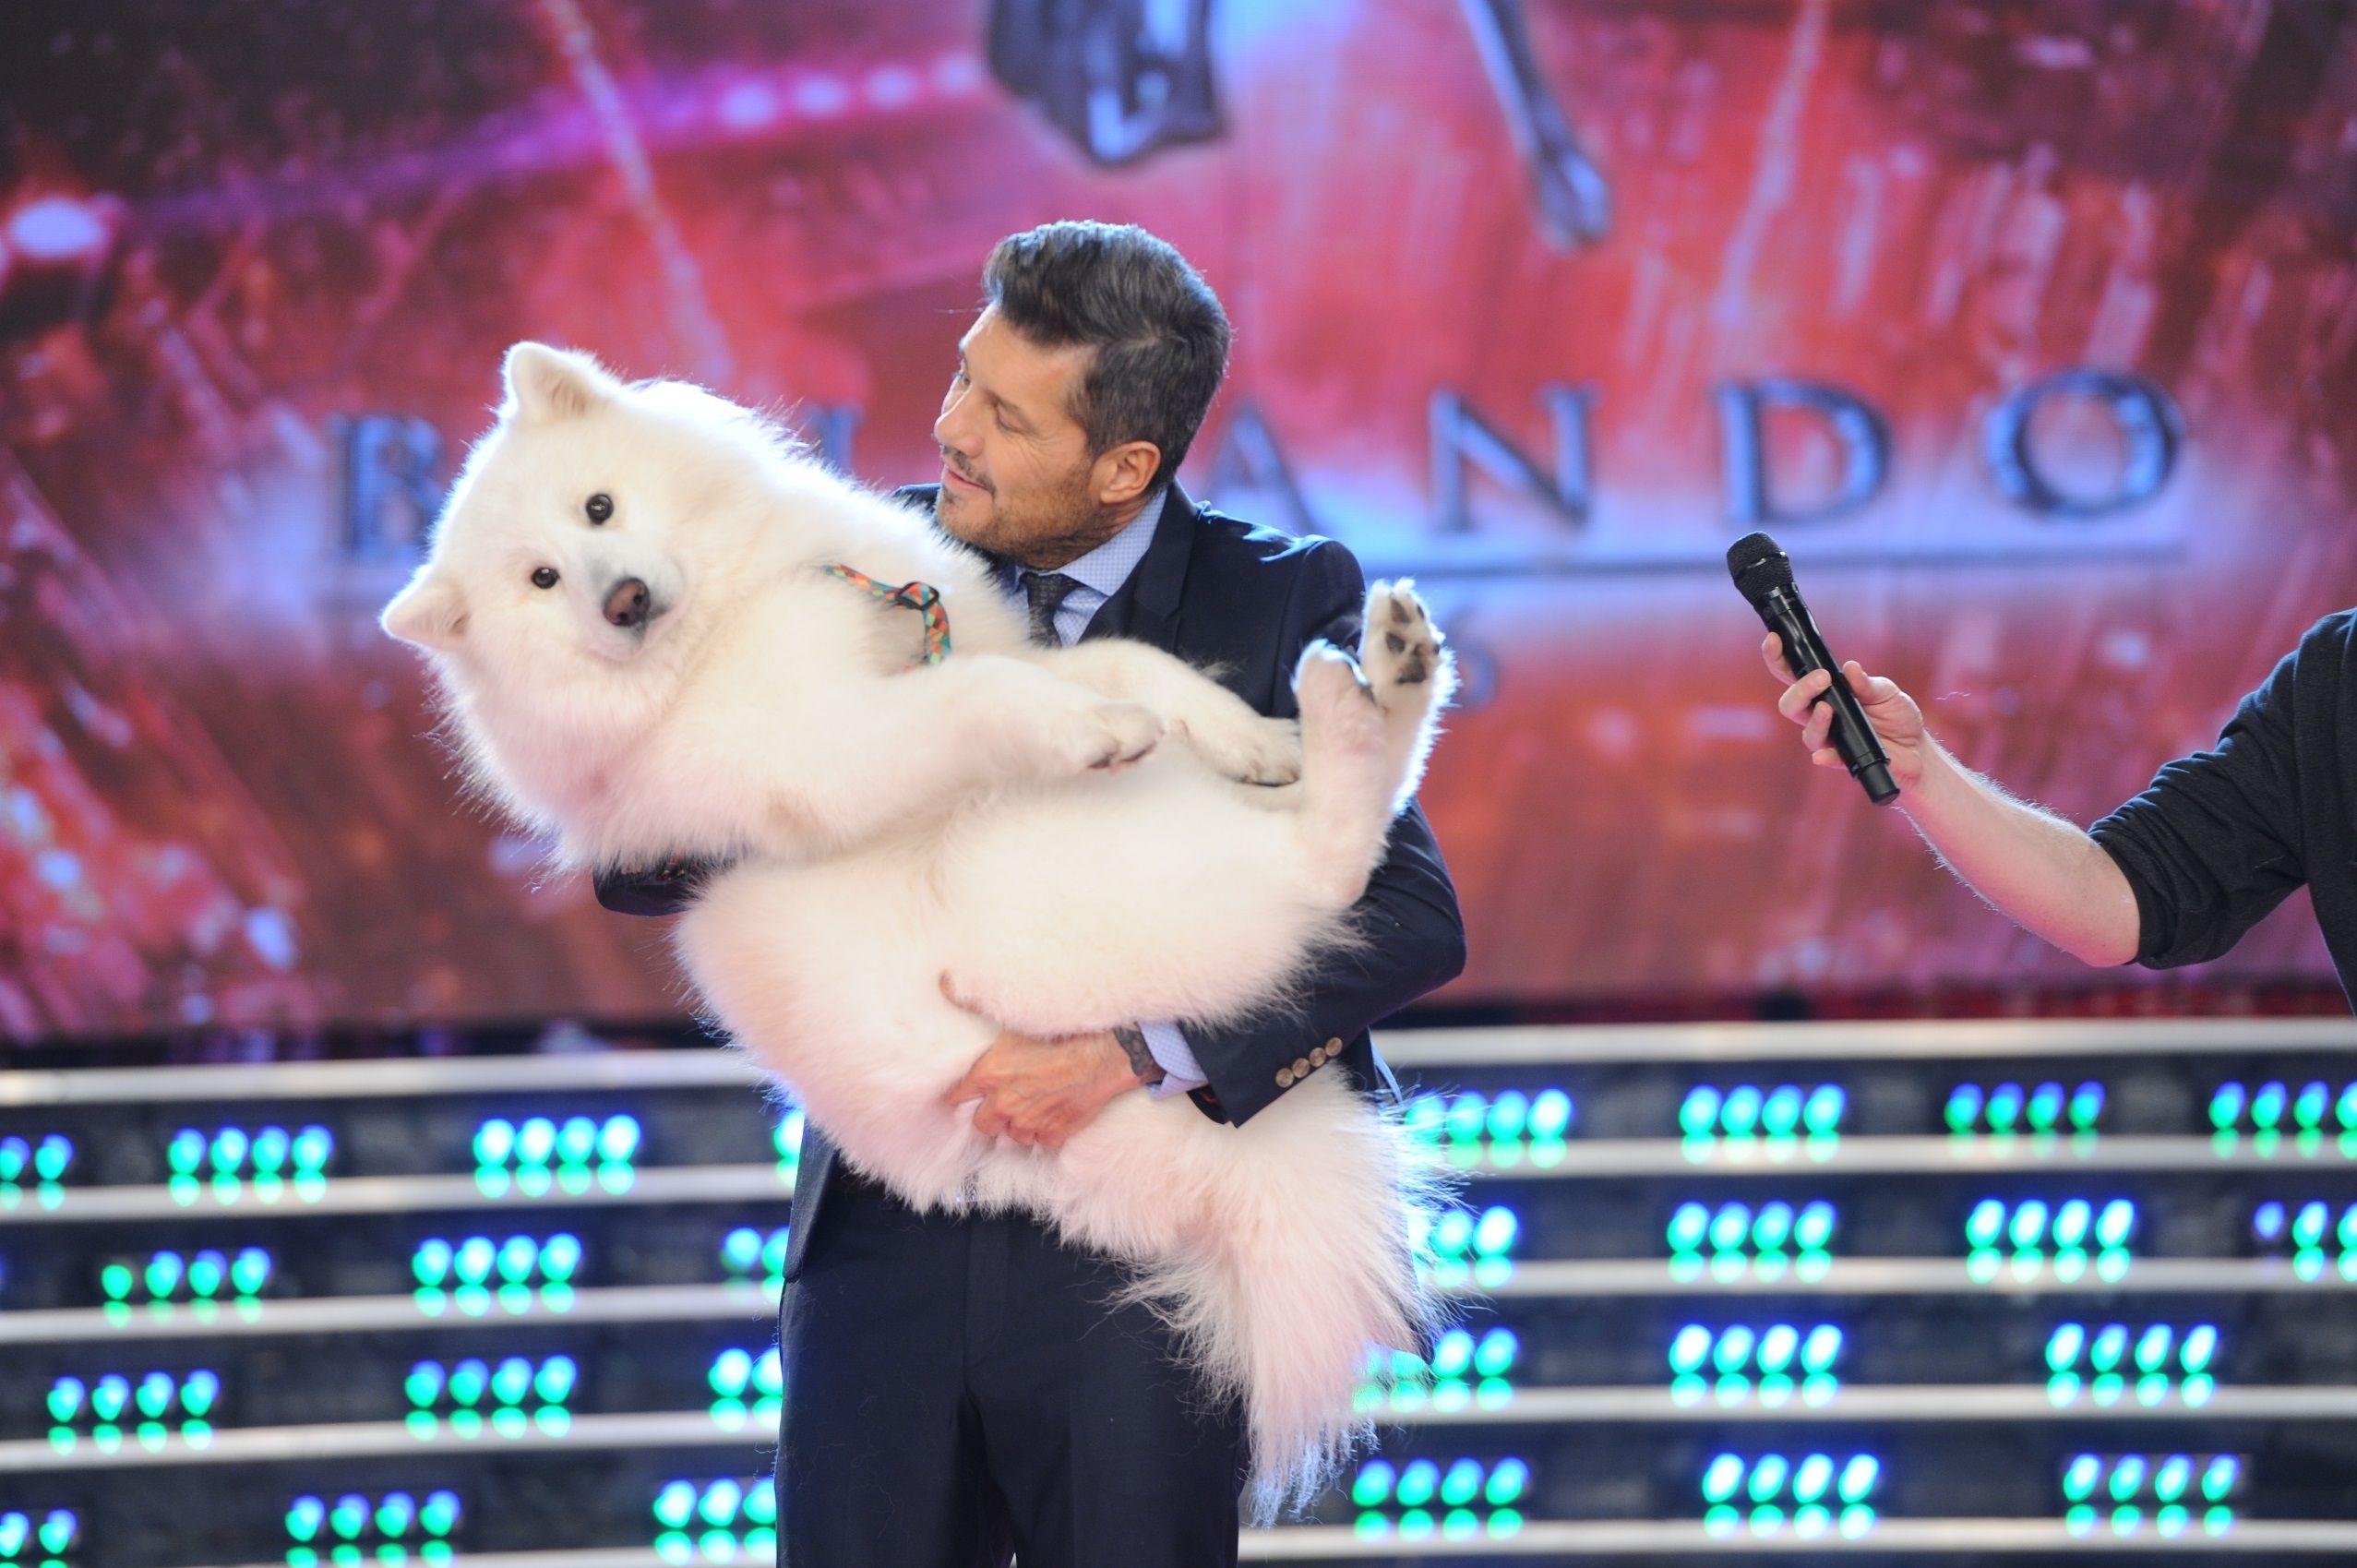 El show de Marcelo Tinelli con el perro de Flavio Mendoza, que debutó como jurado